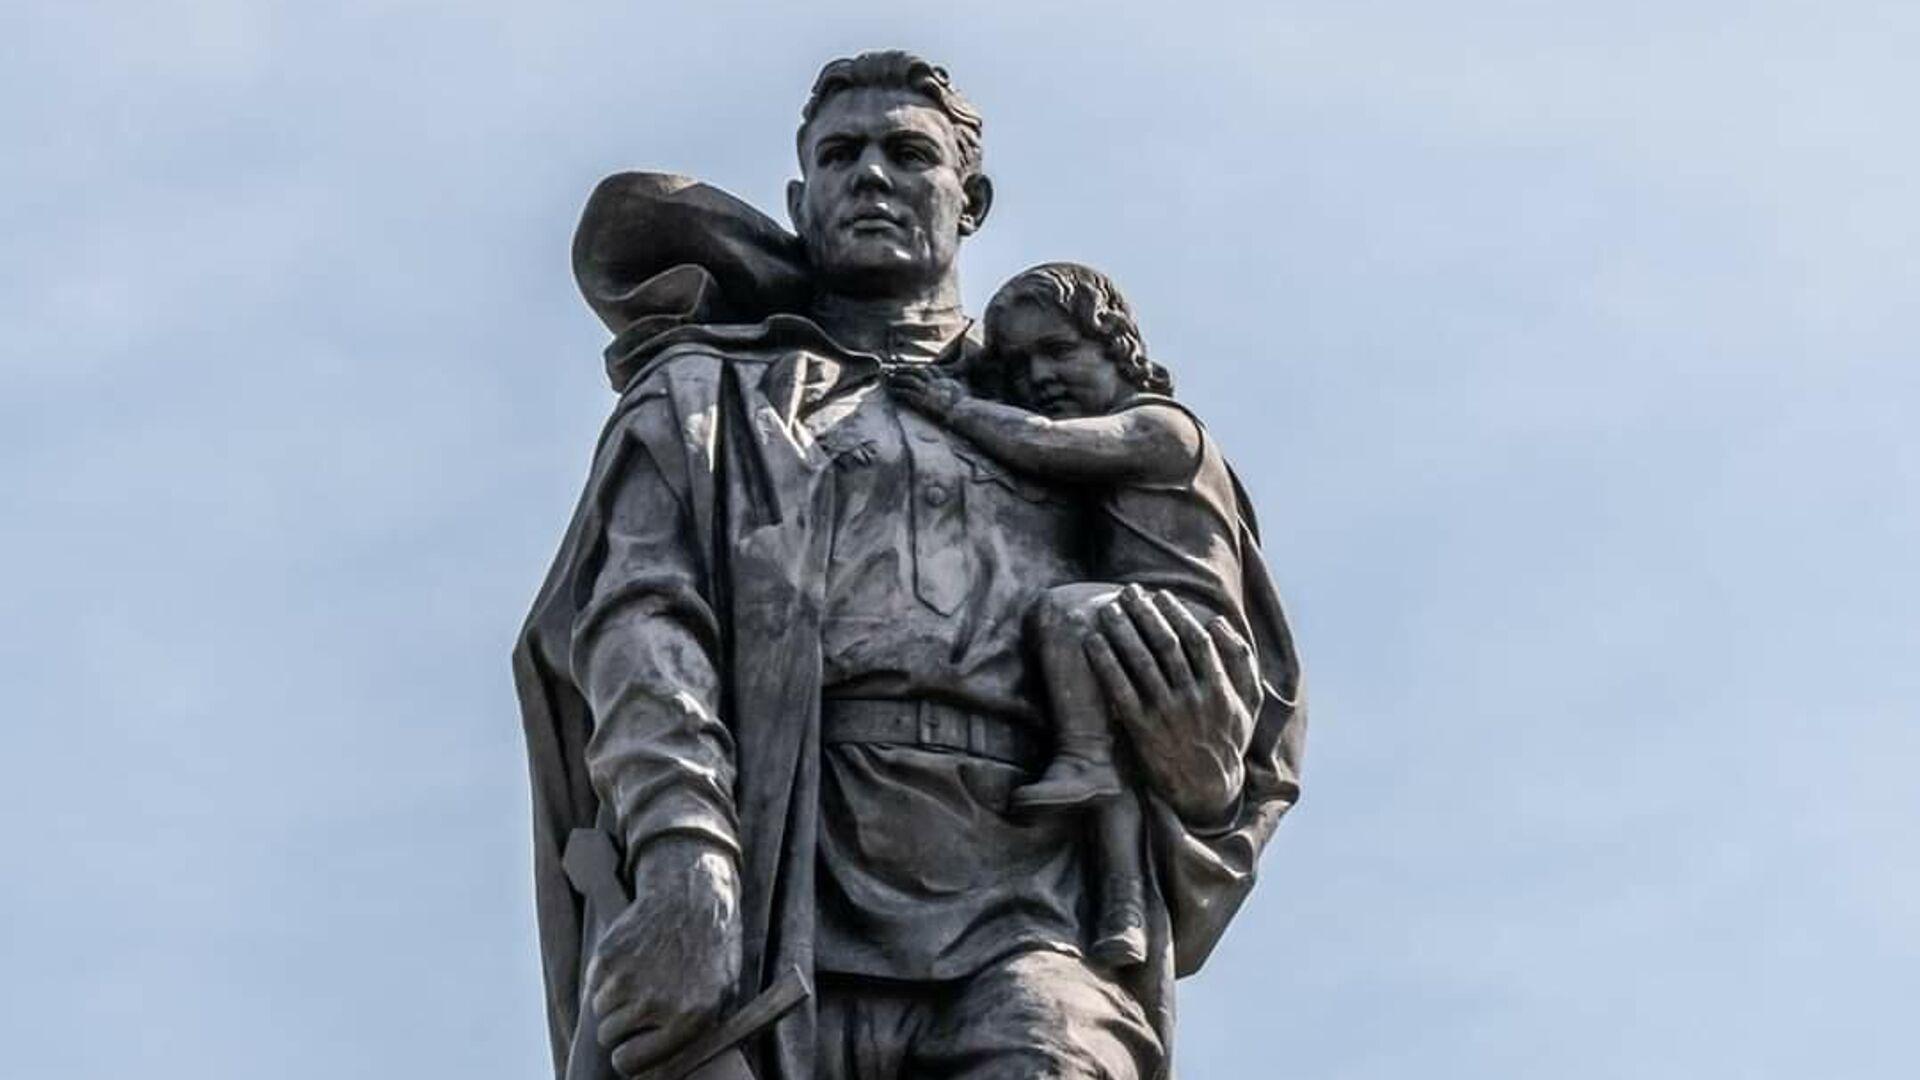 Памятник Воину-освободителю в Берлине - РИА Новости, 1920, 08.05.2021